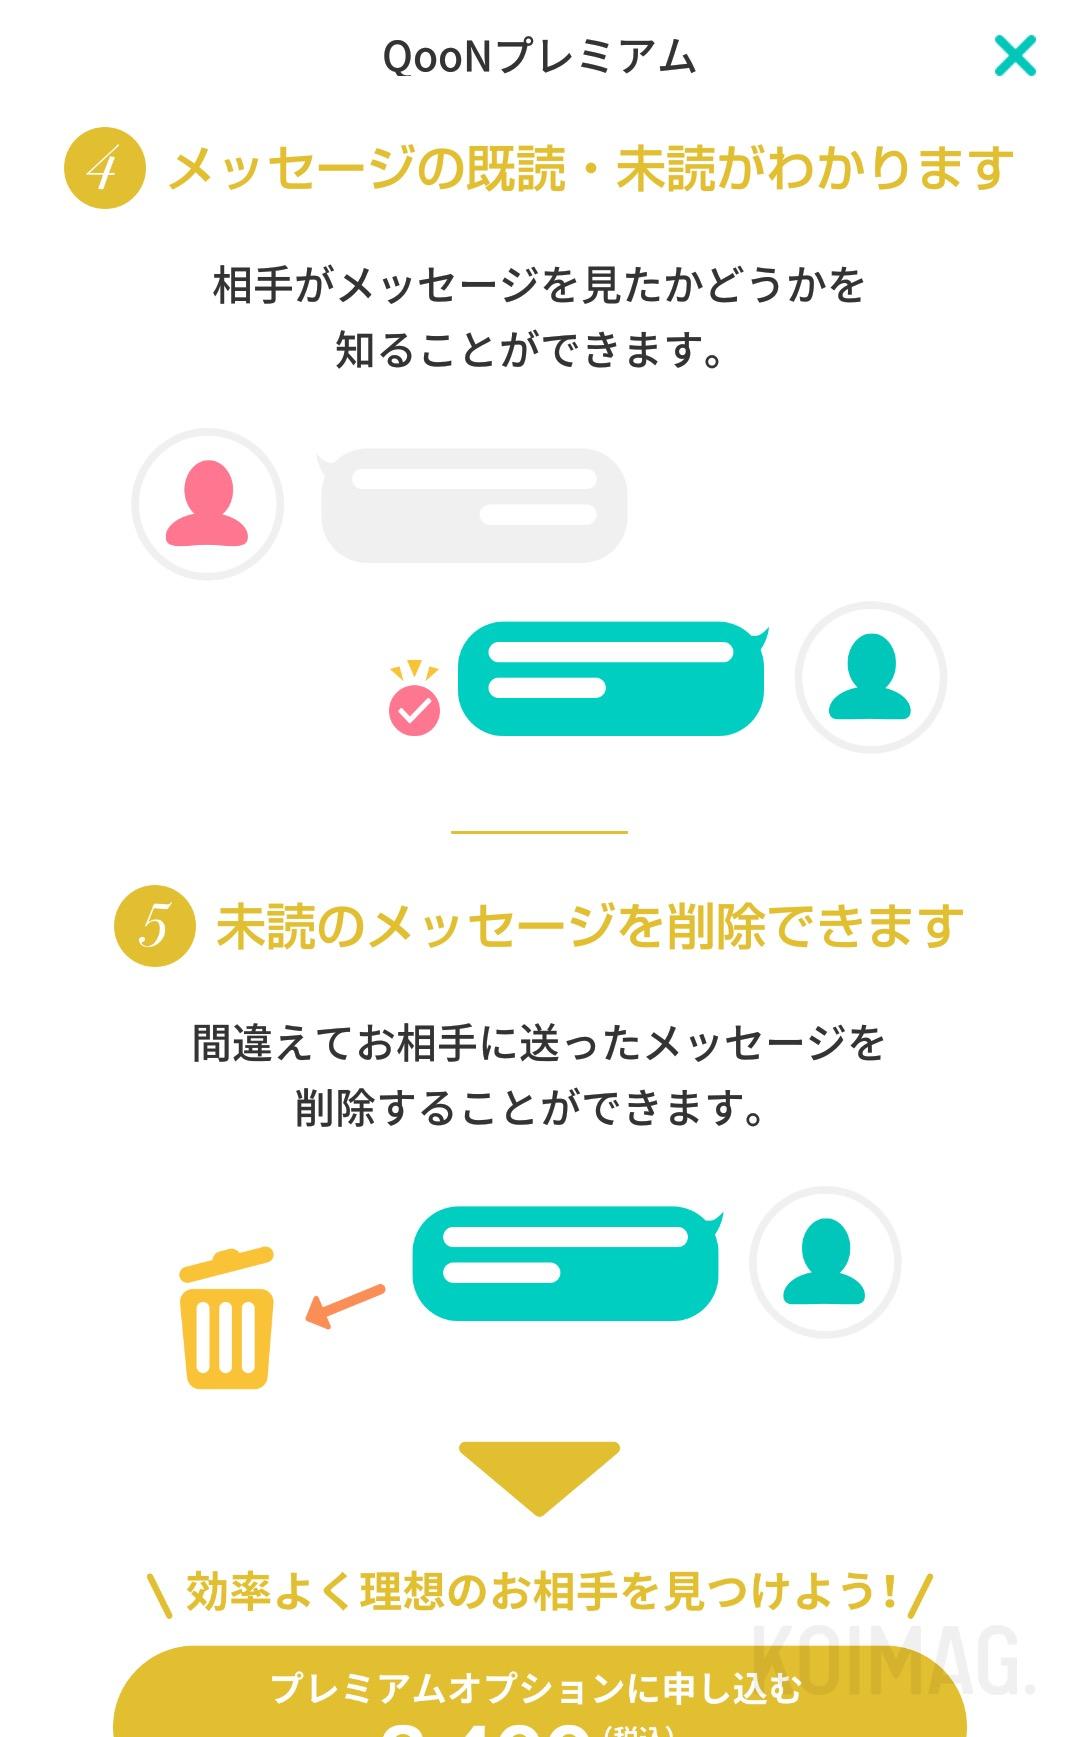 デーティングアプリ『QooN』の「QooNプレミアム」5つの機能。